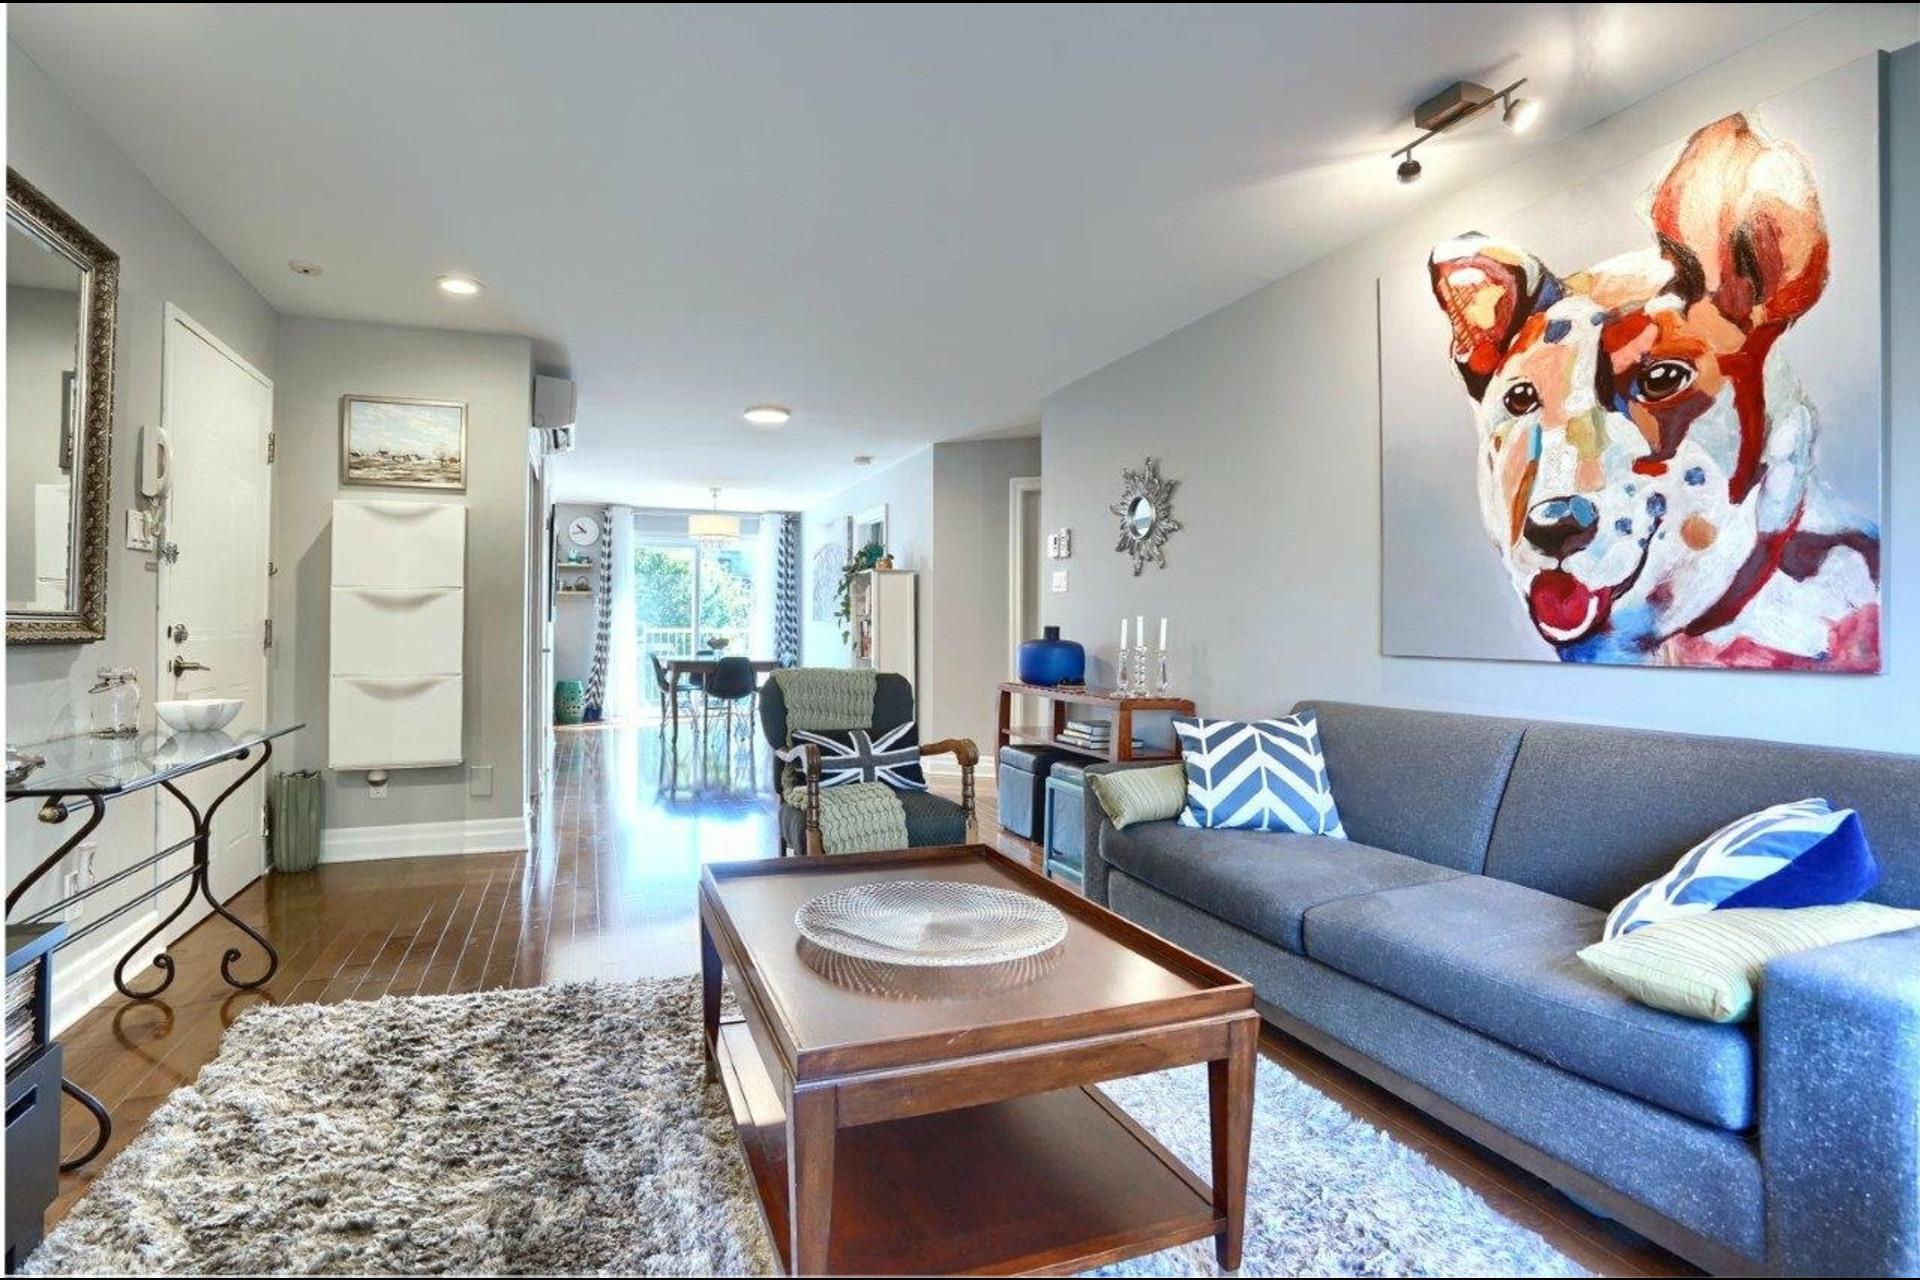 image 5 - Appartement À vendre Brossard - 7 pièces